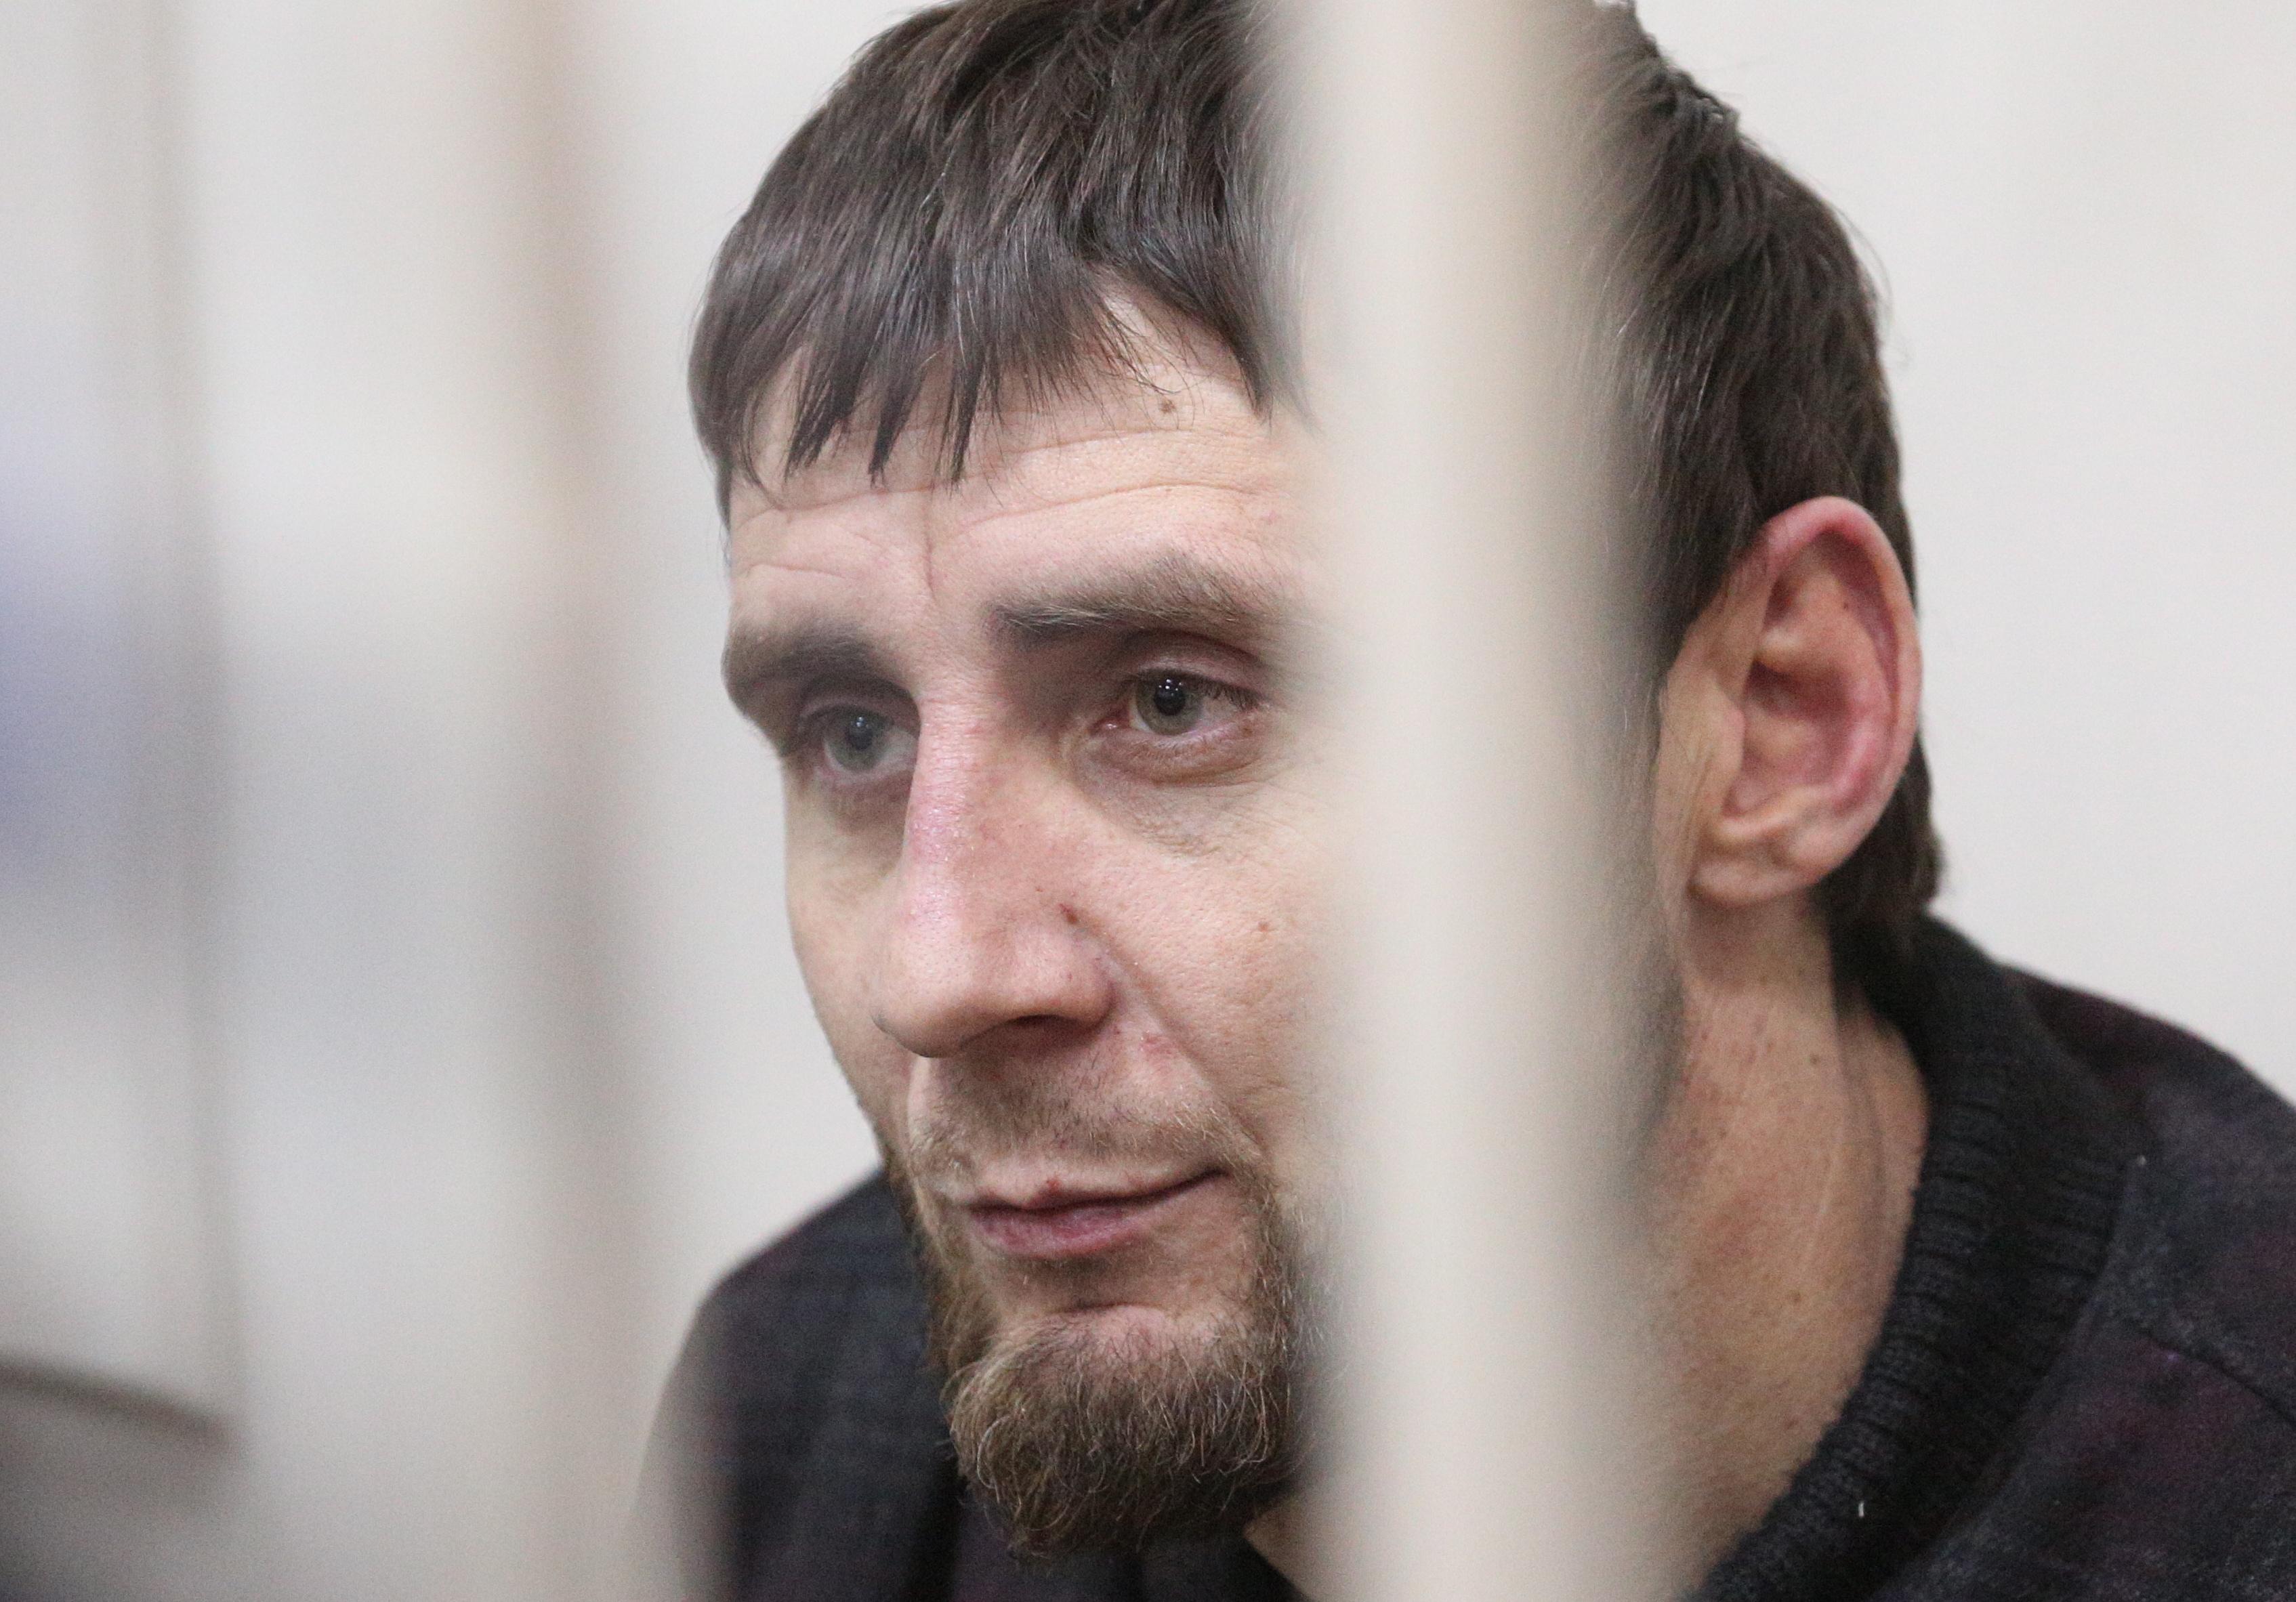 Заур Дадаев в Басманном суде Москвы. Фото: ТАСС